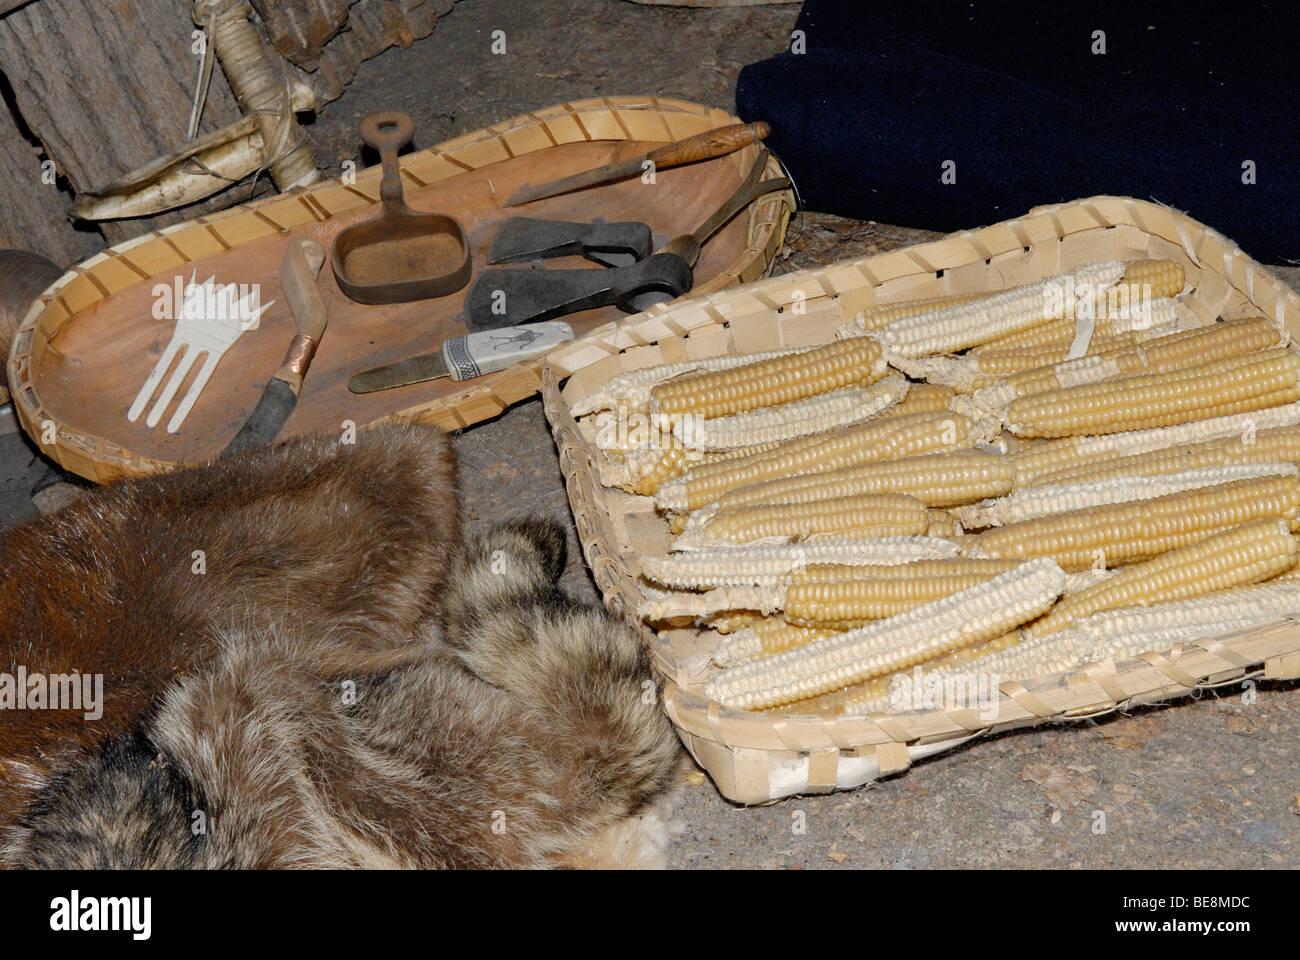 Affichage des outils d'autochtones américains, les peaux et le maïs Photo Stock